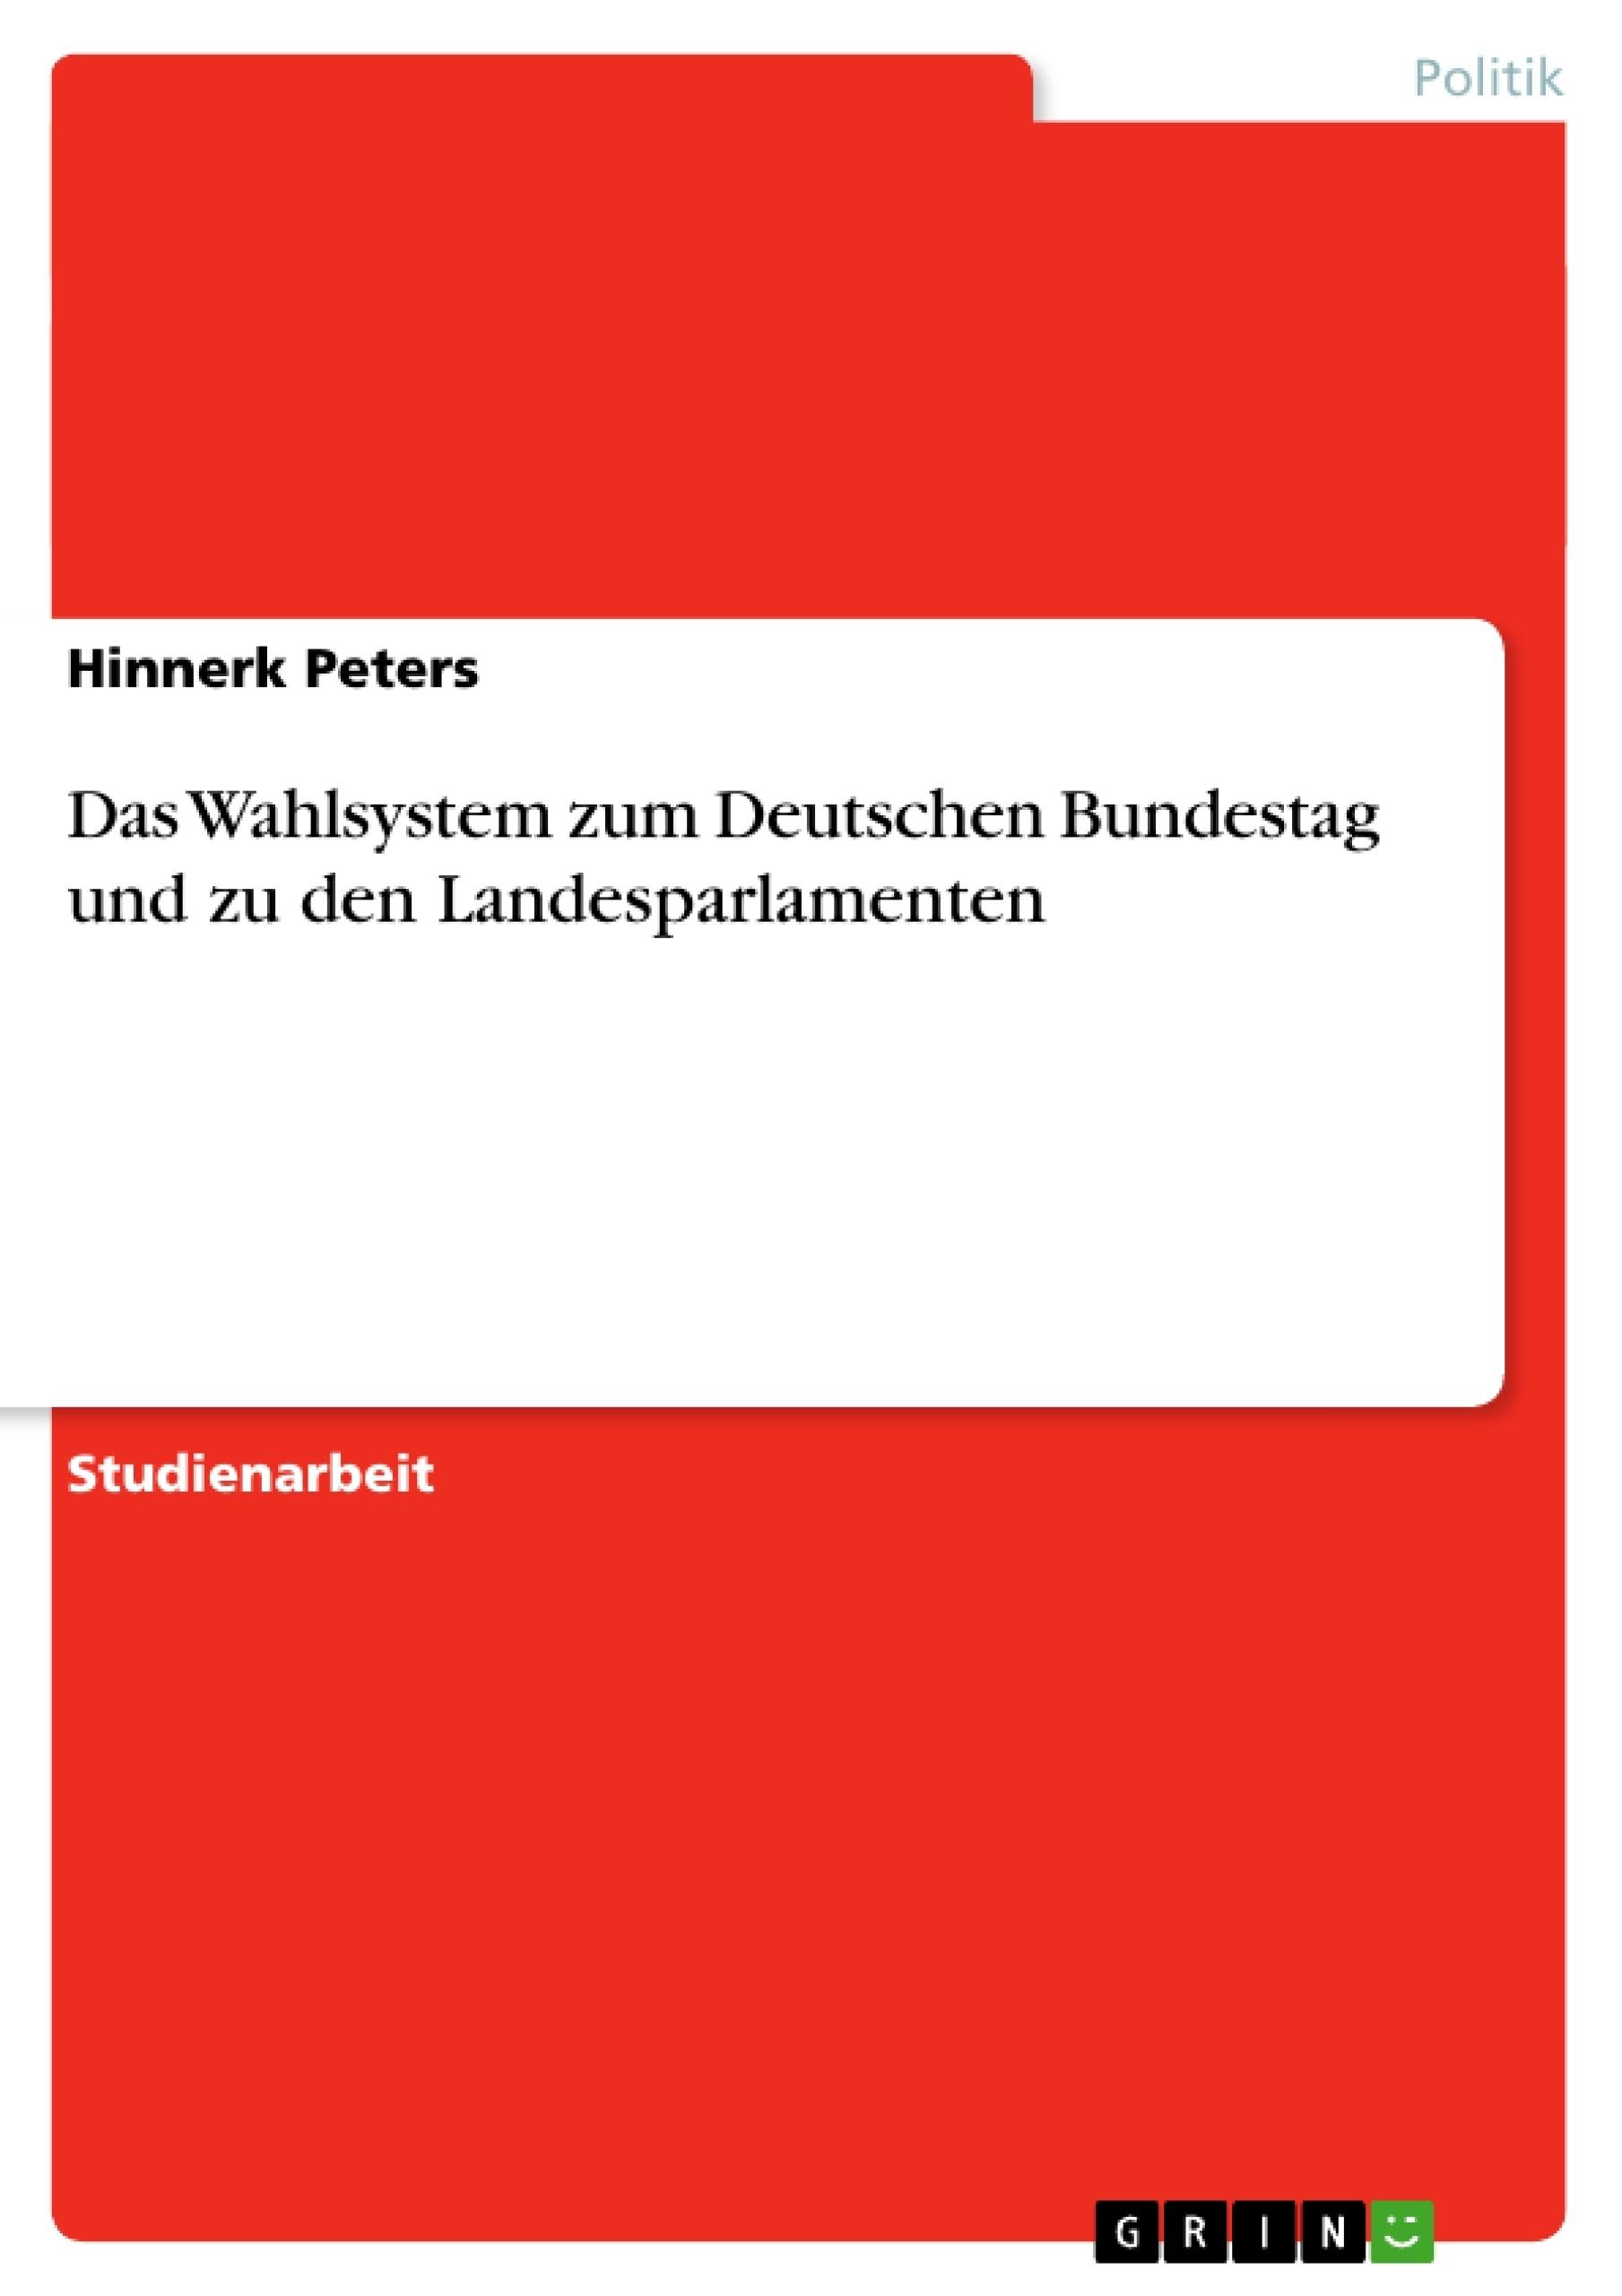 Titel: Das Wahlsystem zum Deutschen Bundestag und zu den Landesparlamenten